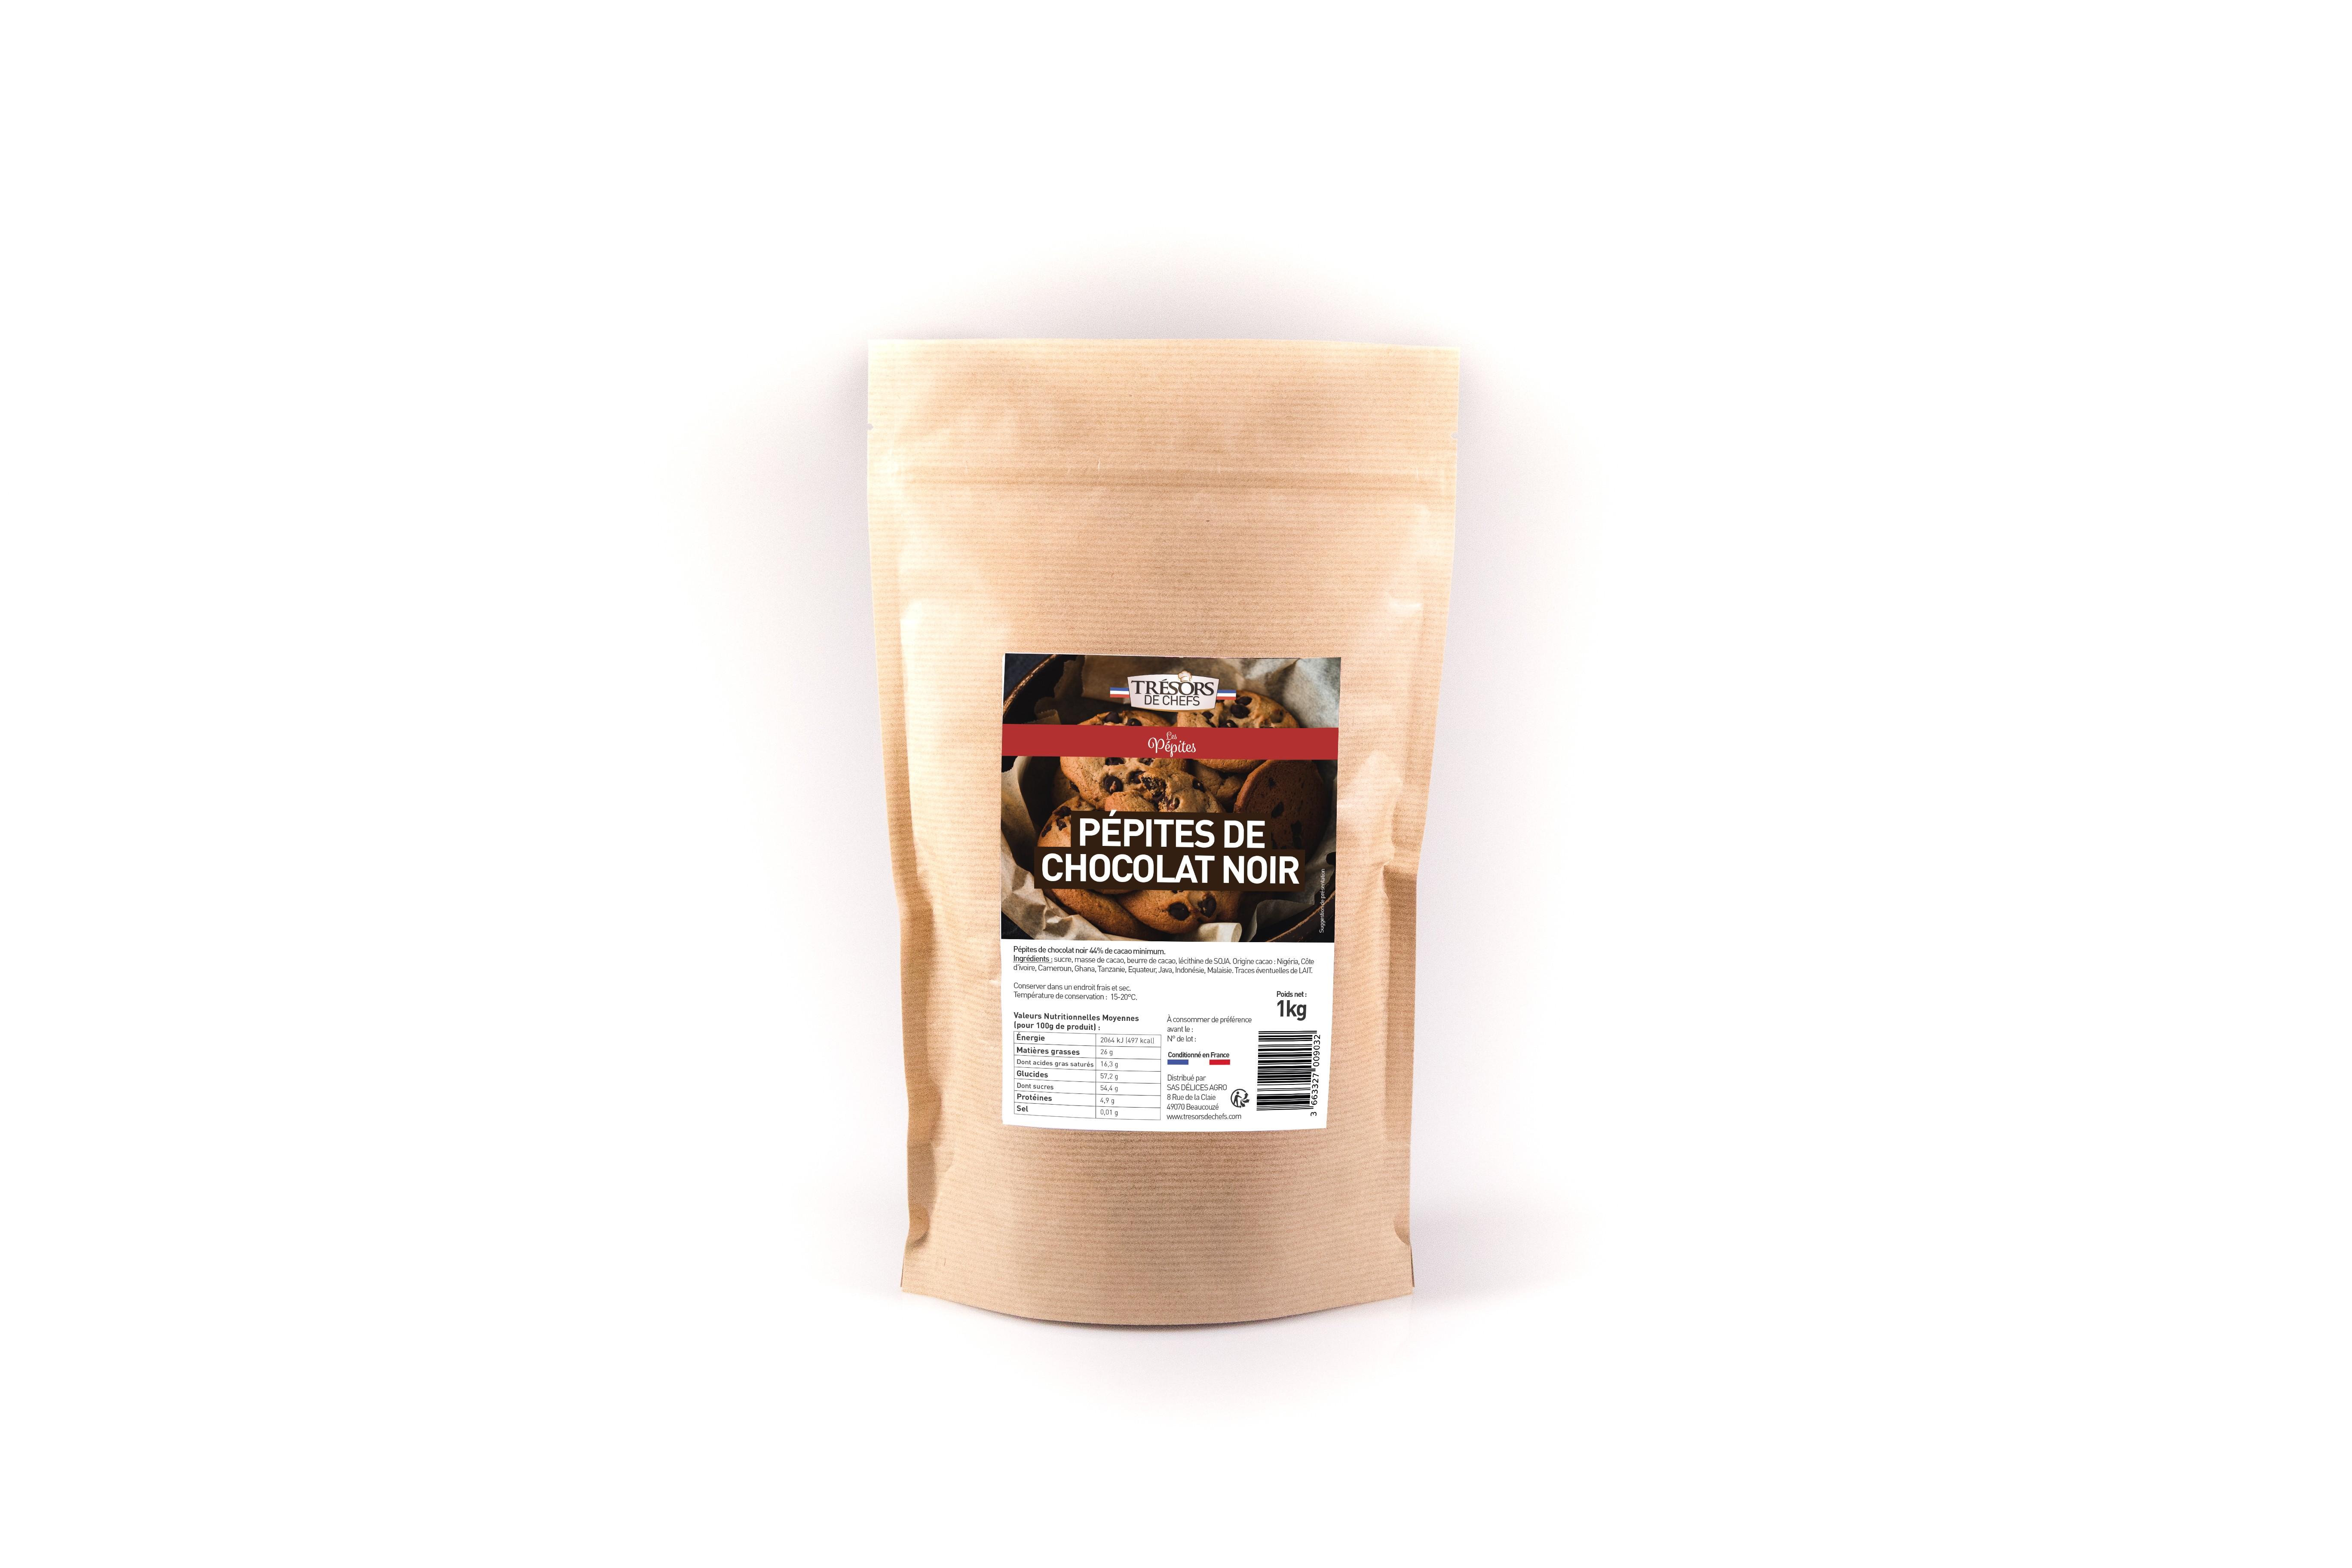 Pépites de Chocolat Noir - 1 kg